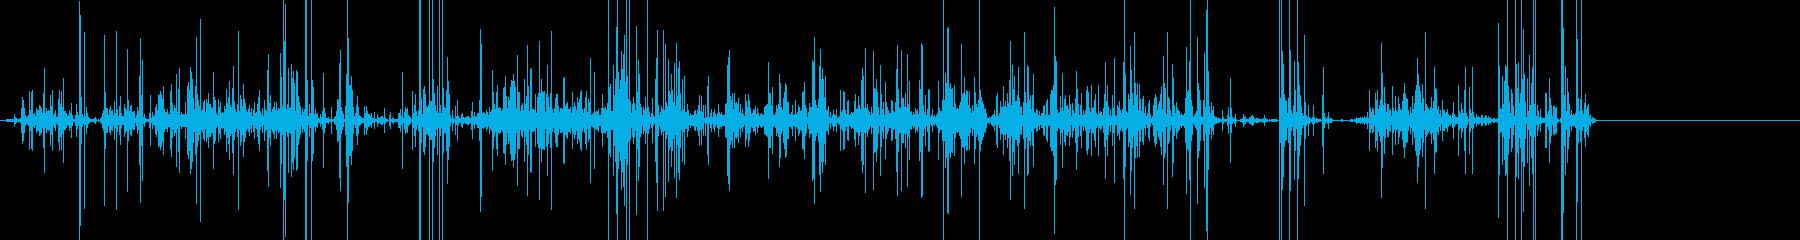 ガラガラ、カシャカシャ、クルミが混ざる音の再生済みの波形